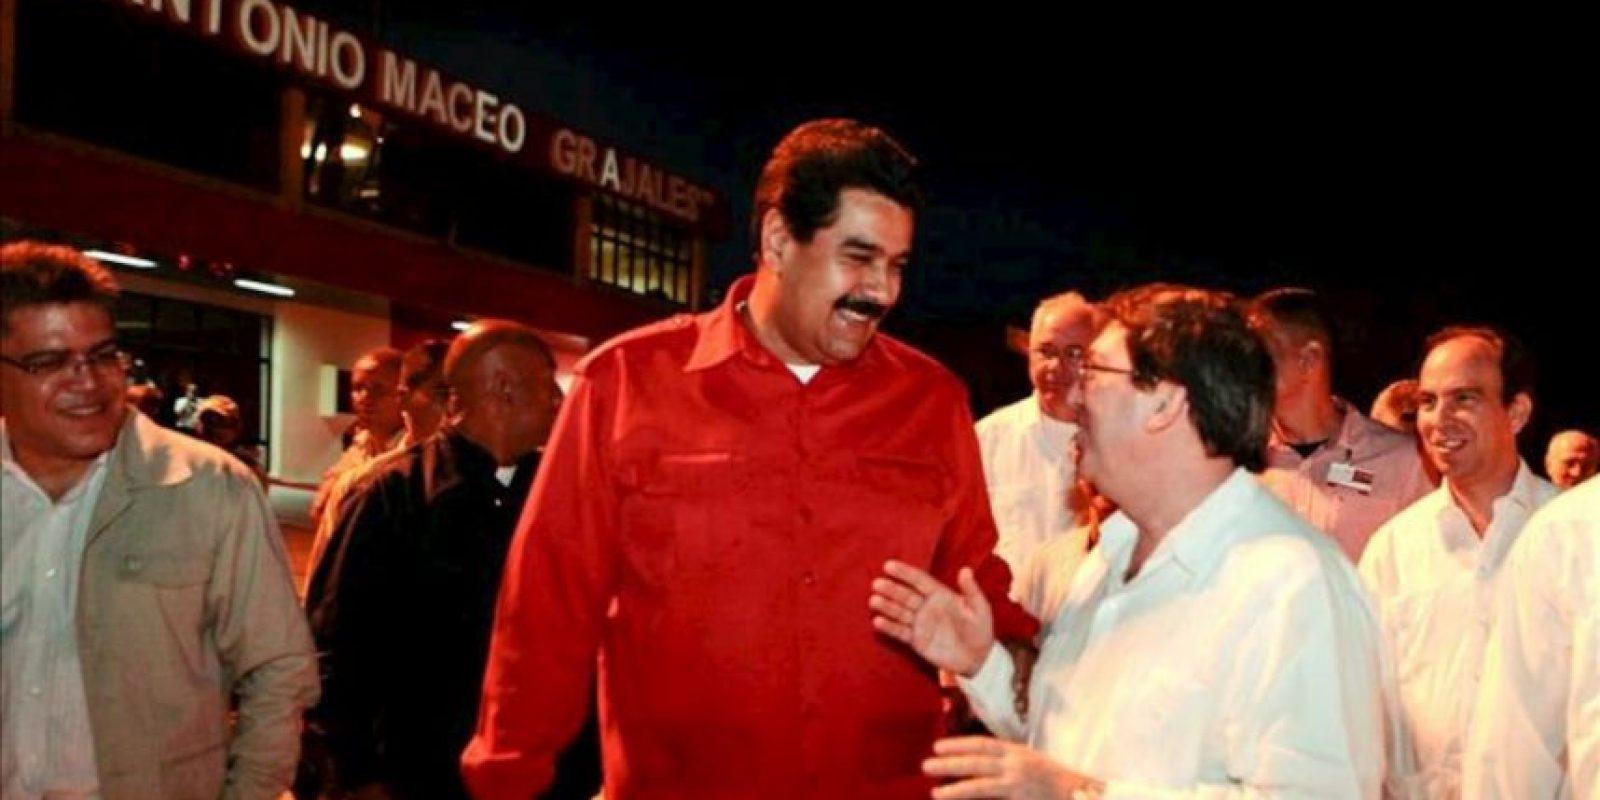 Fotografía cedida por Prensa Miraflores donde se observa al mandatario de Venezuela, Nicolás Maduro (c), a su llegada a la ciudad oriental de Santiago de Cuba para unirse a otros gobernantes de la región que participarán en el acto central por el aniversario 60 del asalto al cuartel Moncada, que marca el inicio de la revolución de la isla. EFE